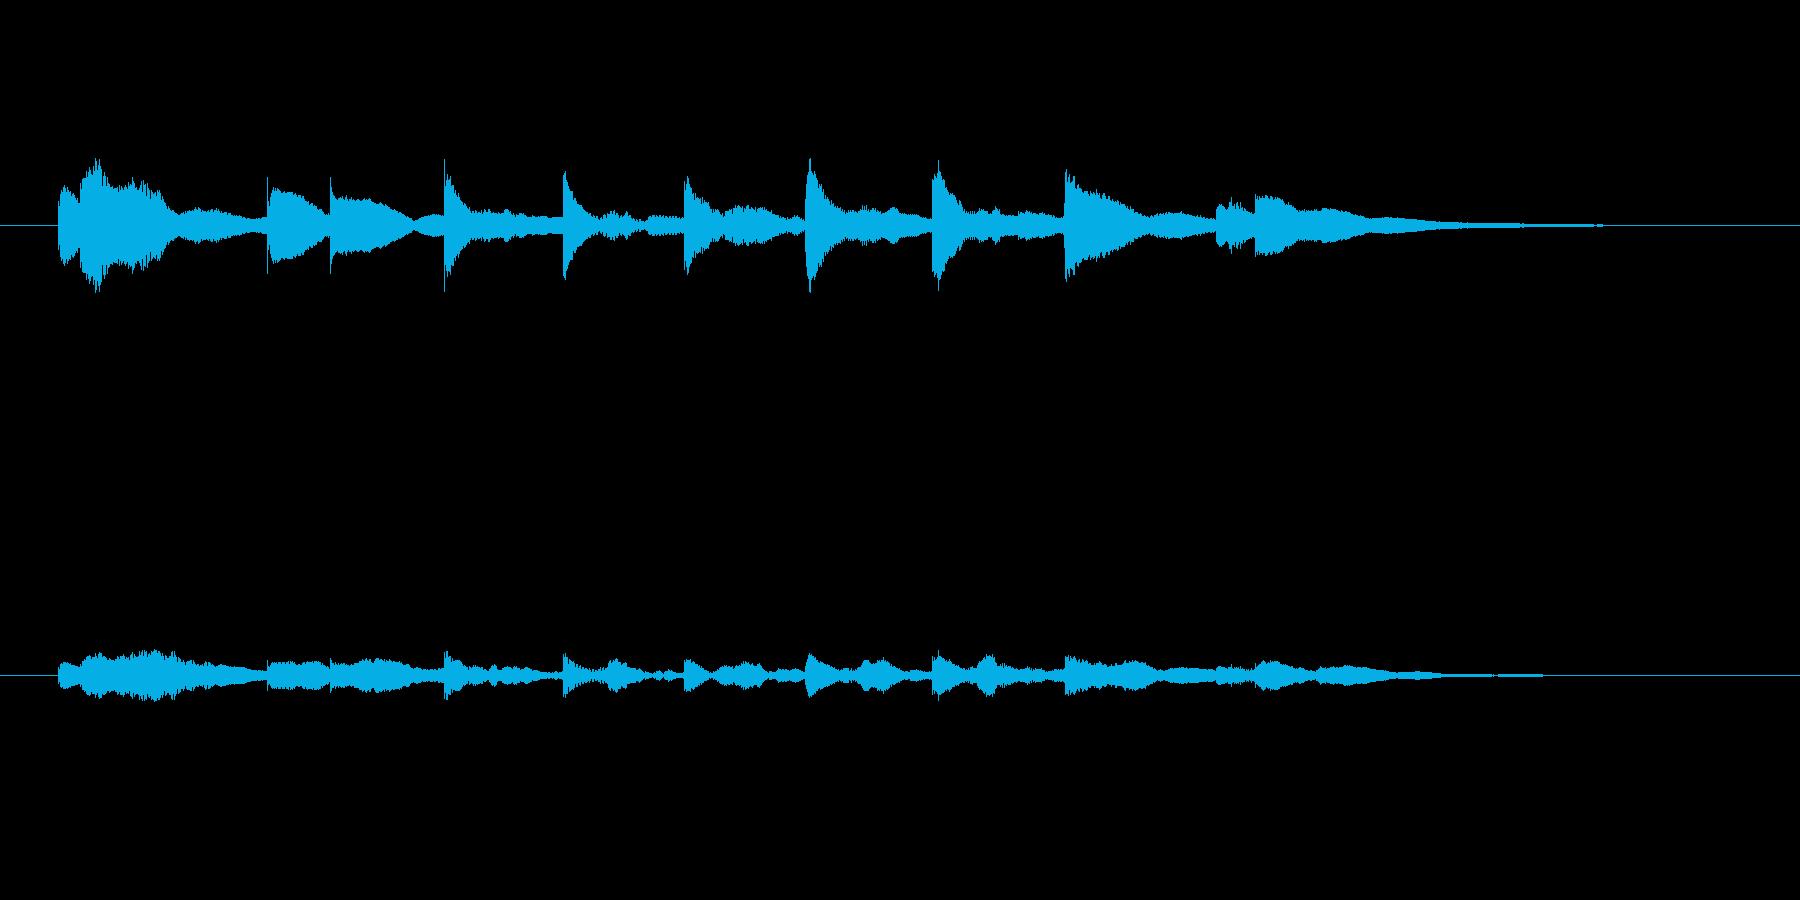 おしまいの合図~オルゴールの再生済みの波形